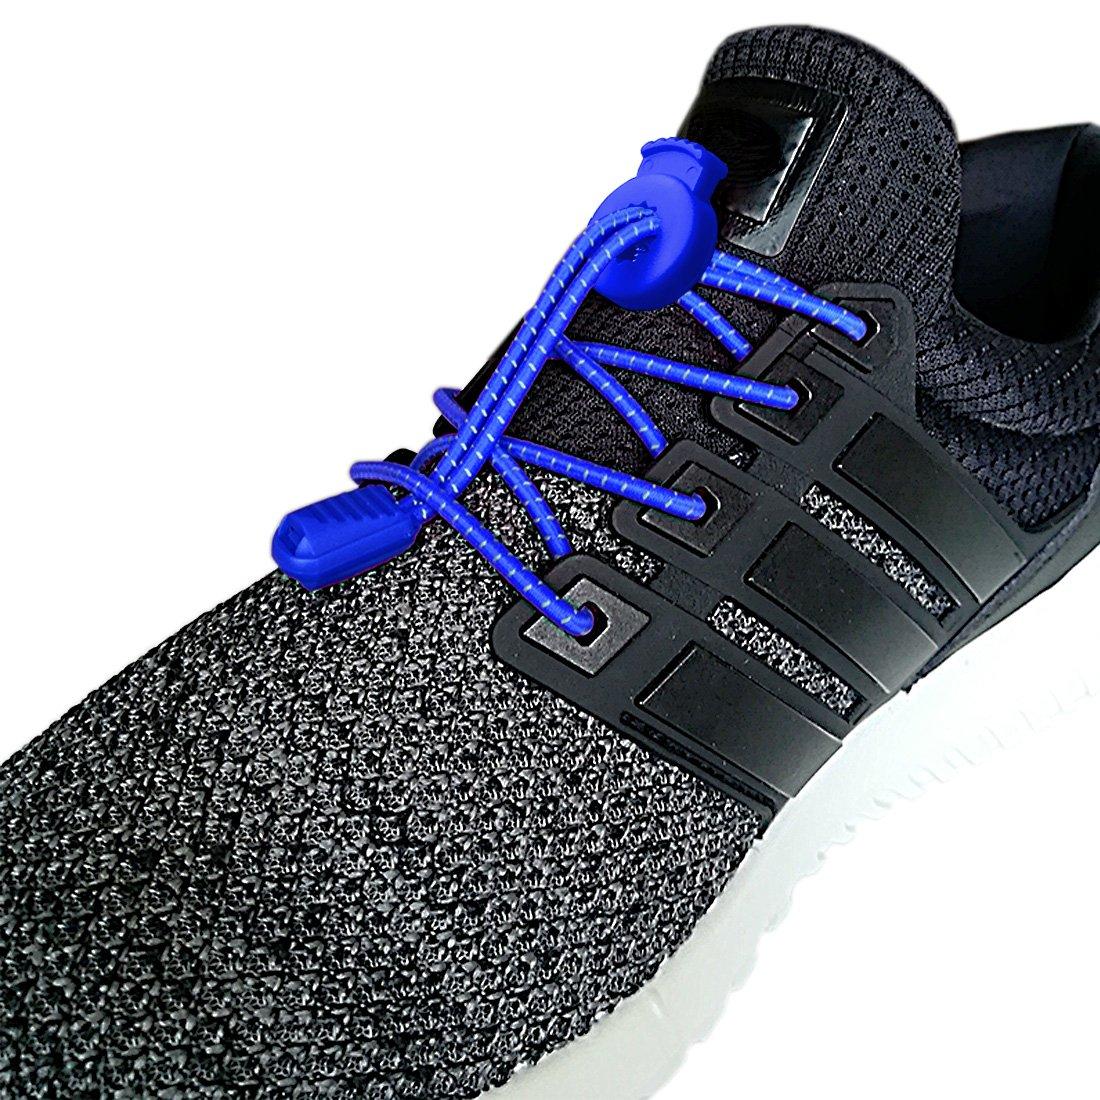 Canwn [2 Pares] Cordones Elásticos para Zapatos, Atar y Sin Nudo Reflexivo Cordones de Zapatos con Longitud de 120cm para Maratón y Triatlón ...